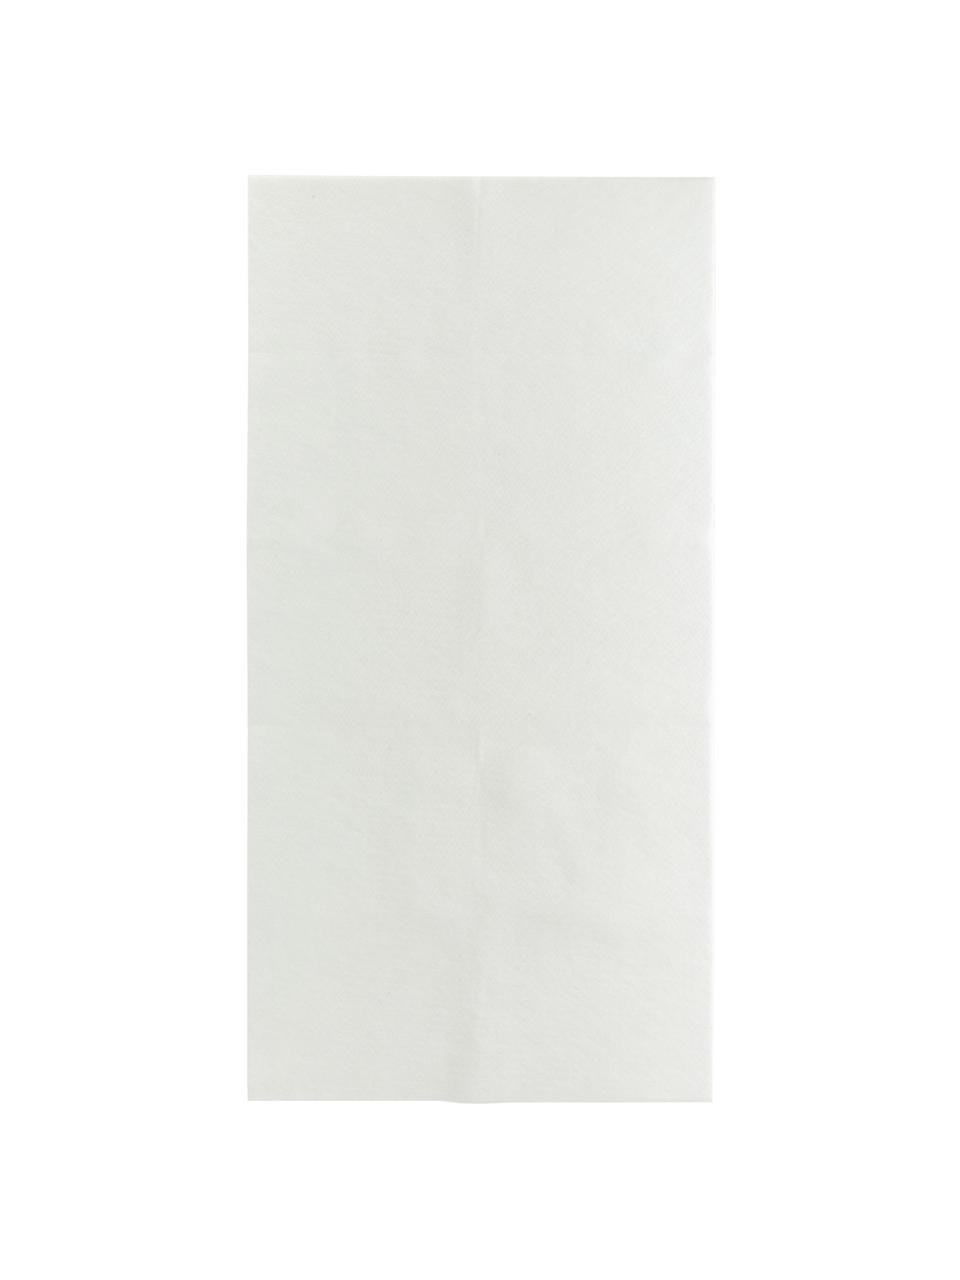 Onderlaag van vlies voor vloerkleed My Slip Stop van polyester vlies, Polyestervlies met anti-sliplaag, Lichtgrijs, 180 x 270 cm